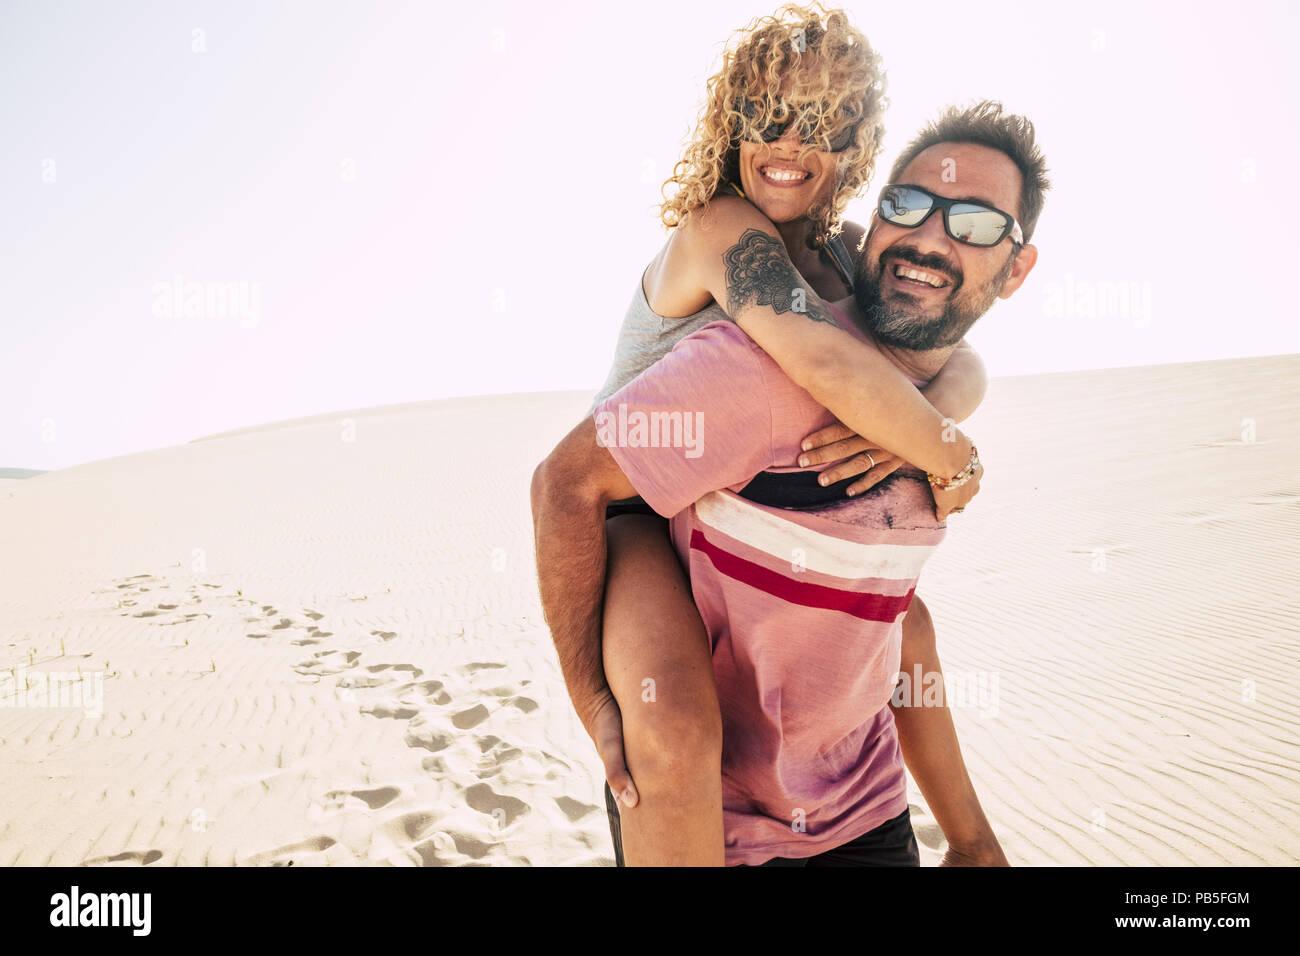 Personnes et de couple dans l'amour s'amuser et profiter du désert de dunes à la plage en vacances. homme sur son dos la belle femme cheveux bouclés un sourire Photo Stock